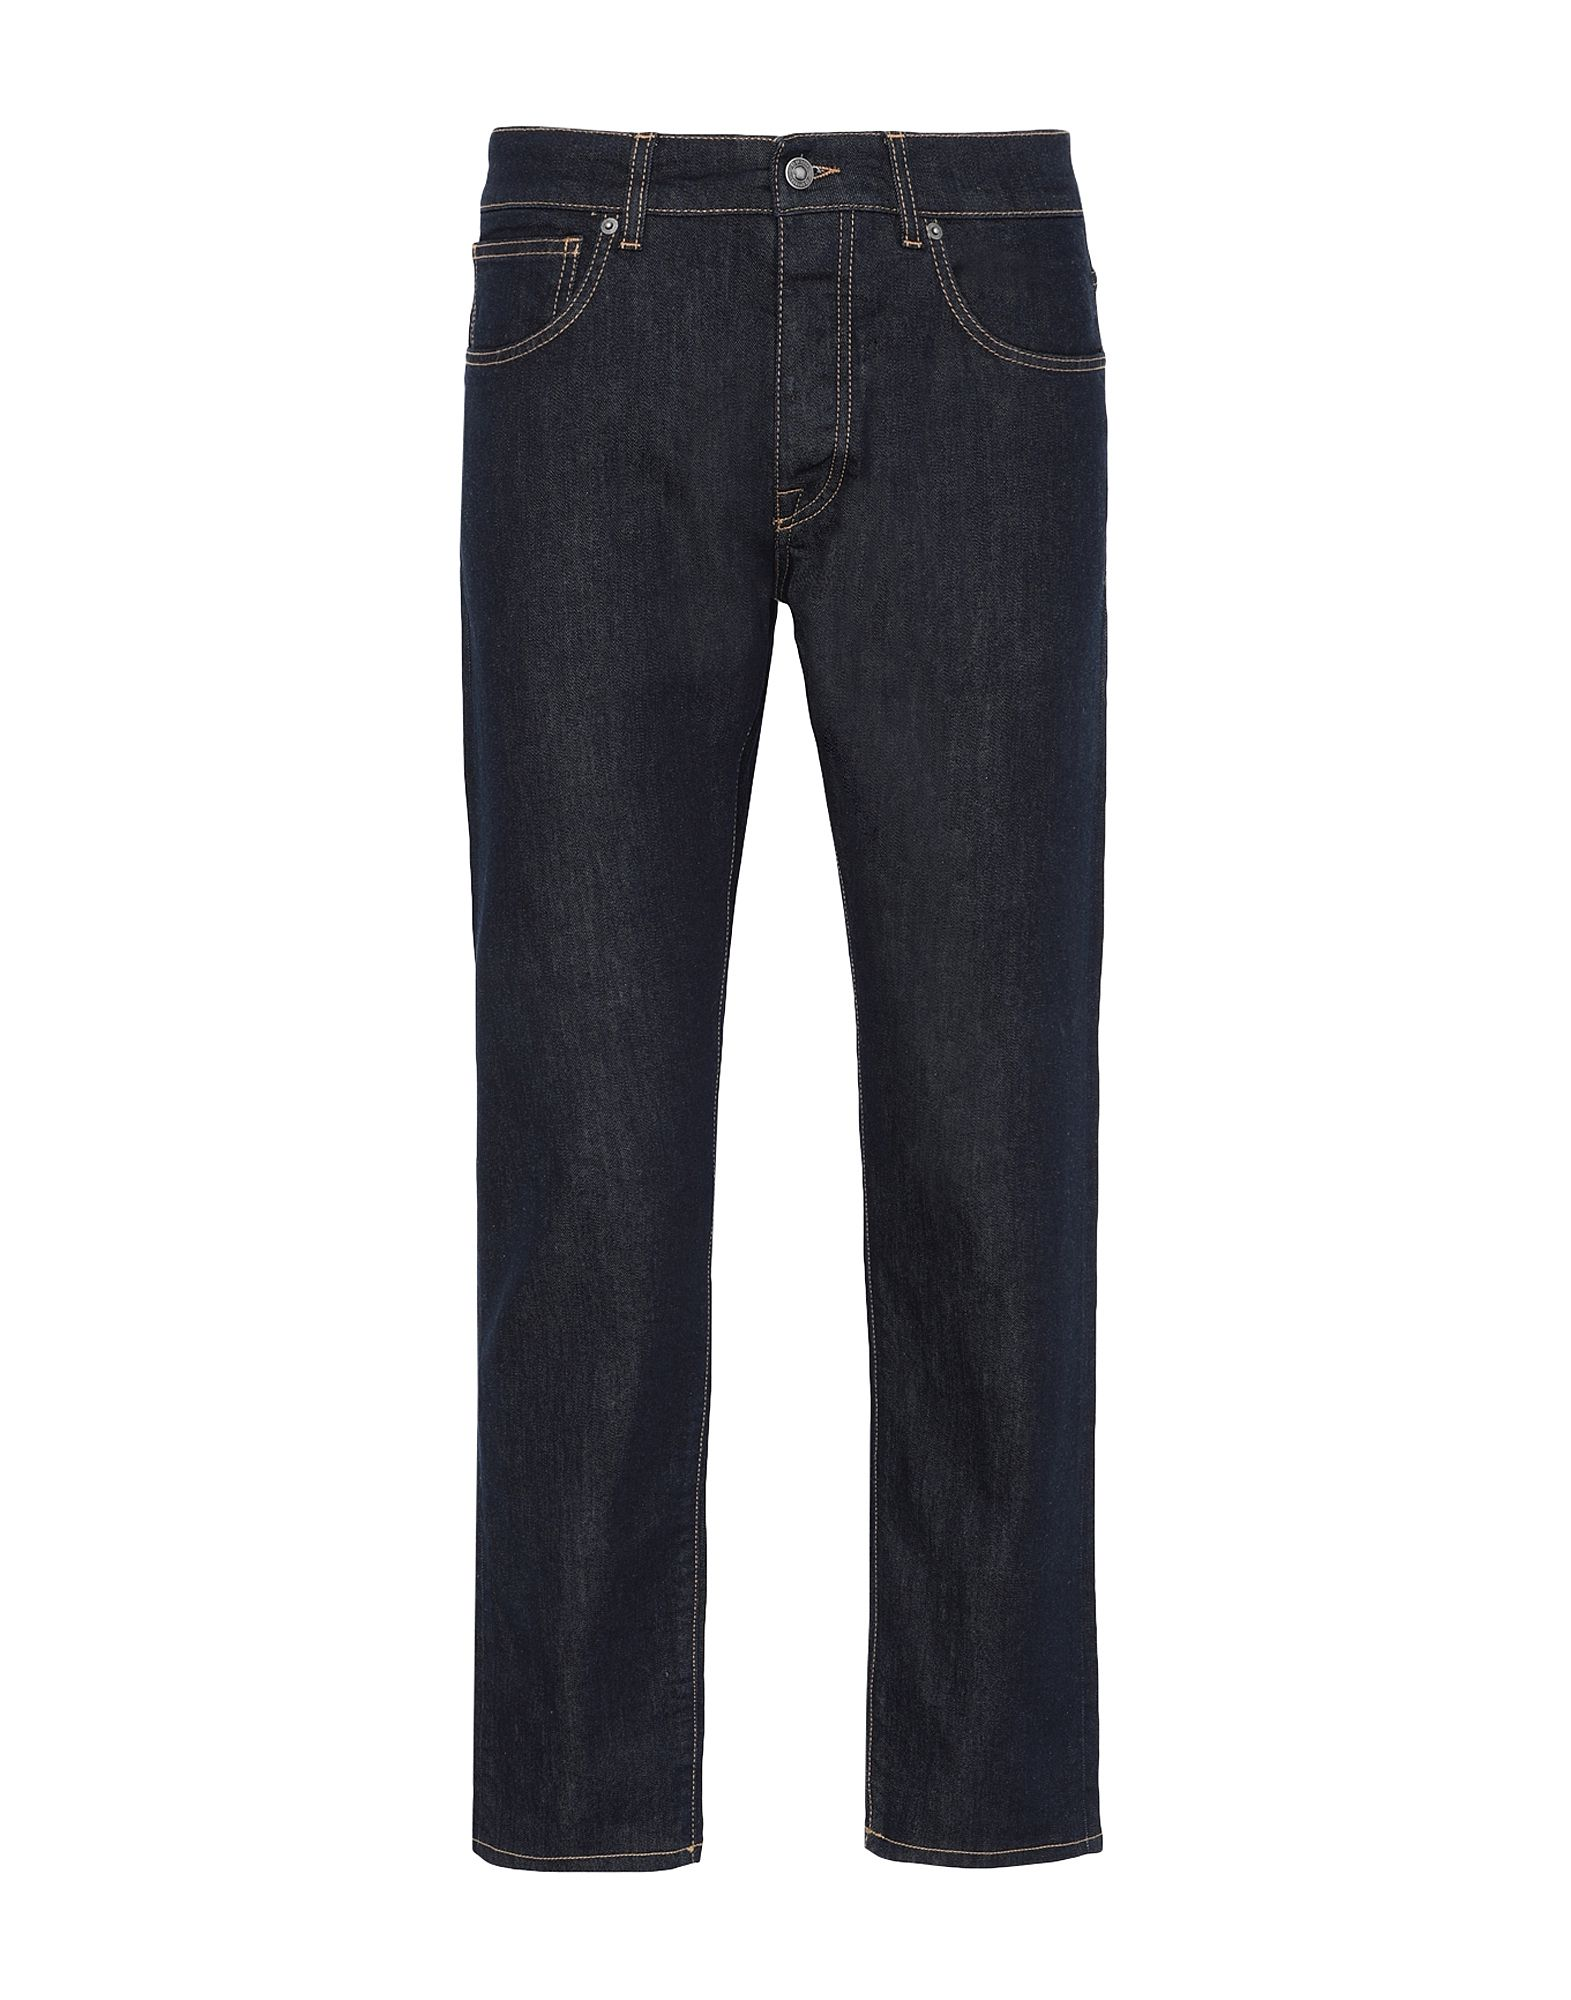 шорты джинсовые купить спб